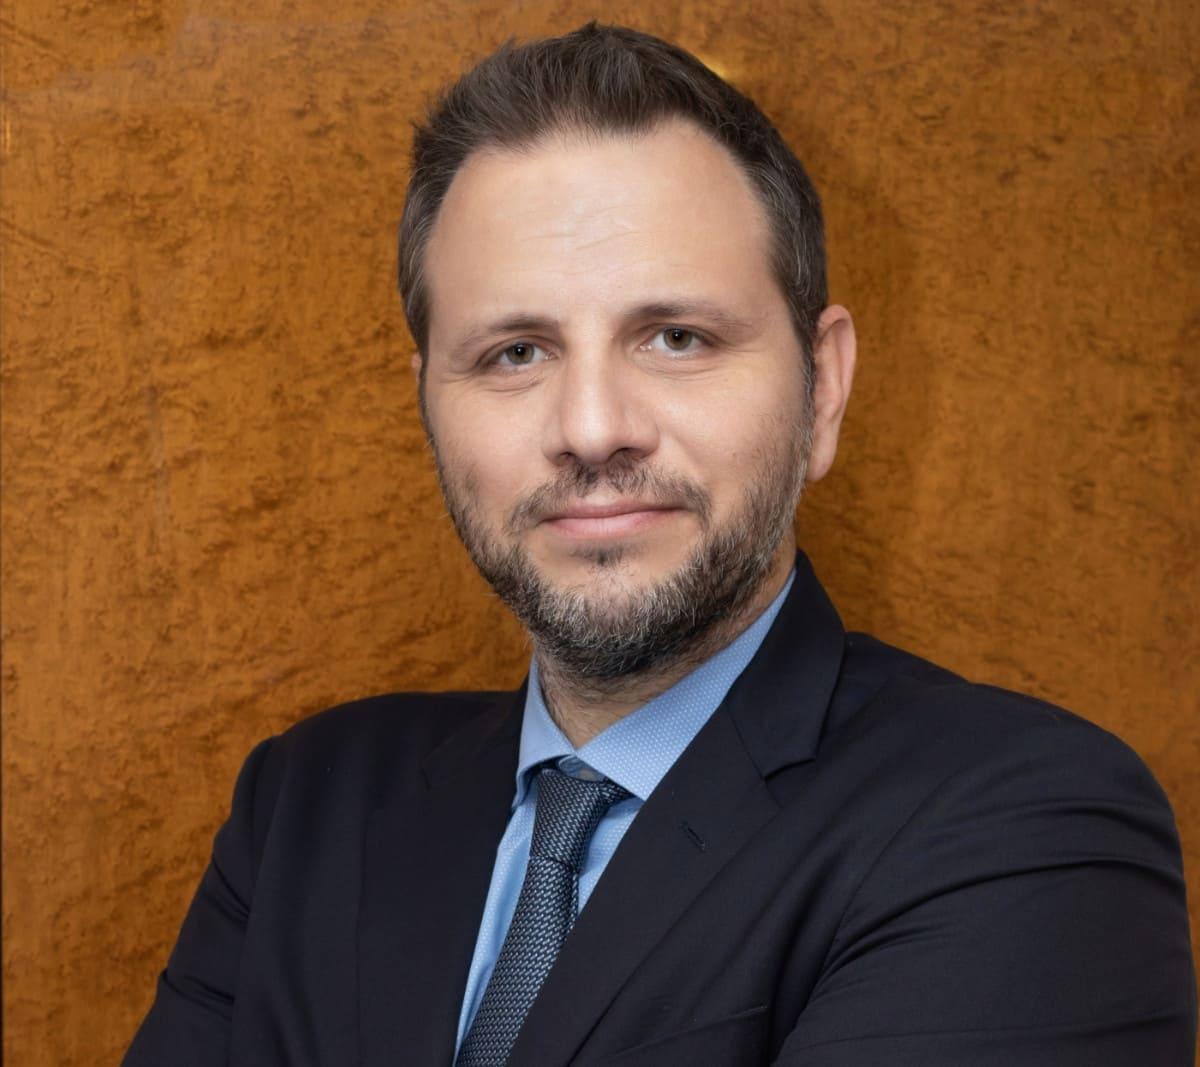 Mr. Stratis Nikolakeas